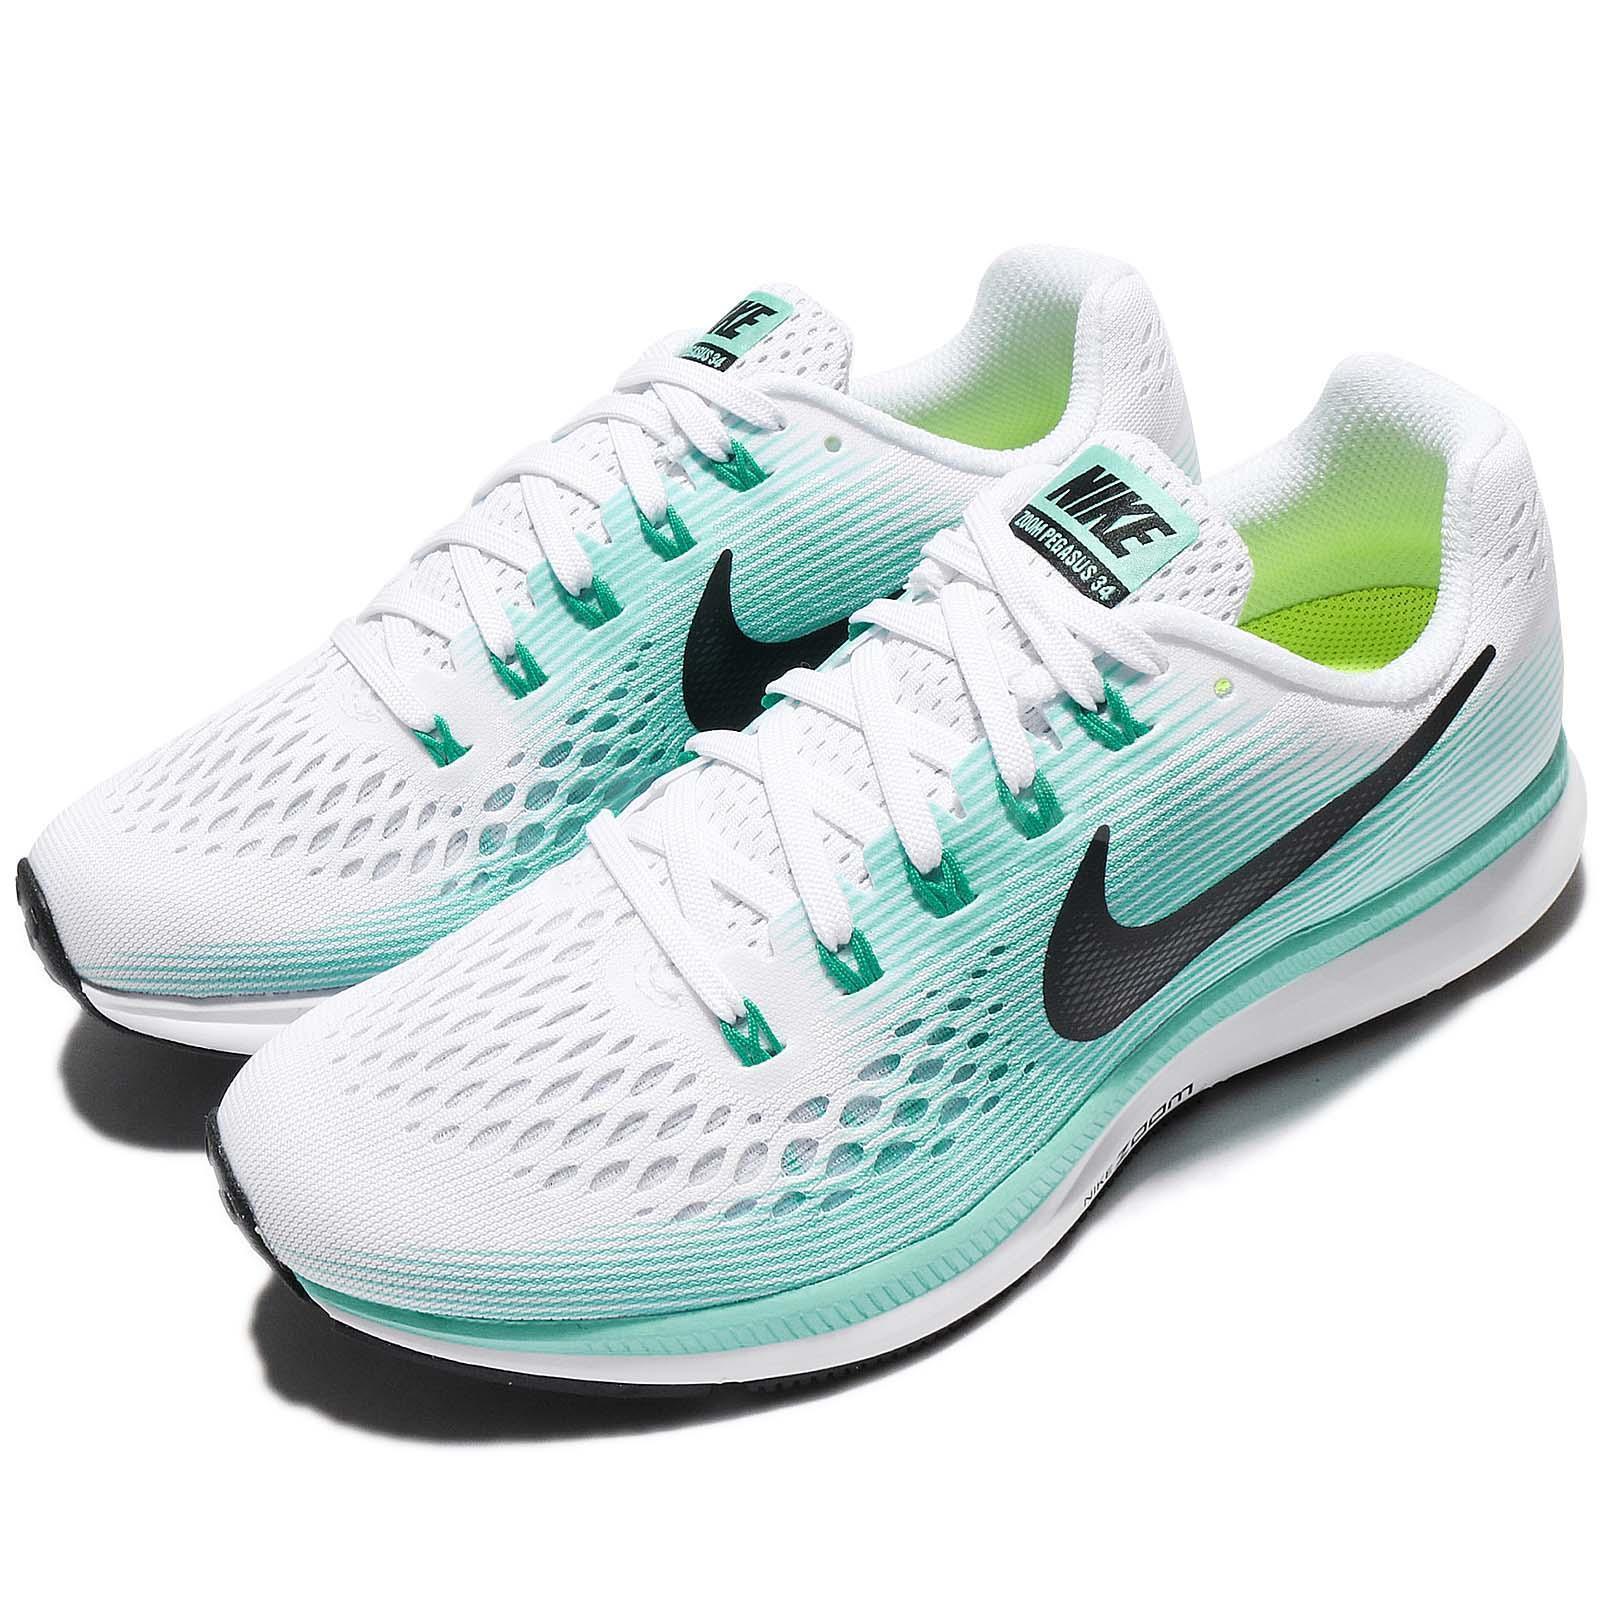 Wmns Nike Blanco Air Zoom Pegasus 34 Blanco Nike zapatos Aurora Verde Mujer 36e411